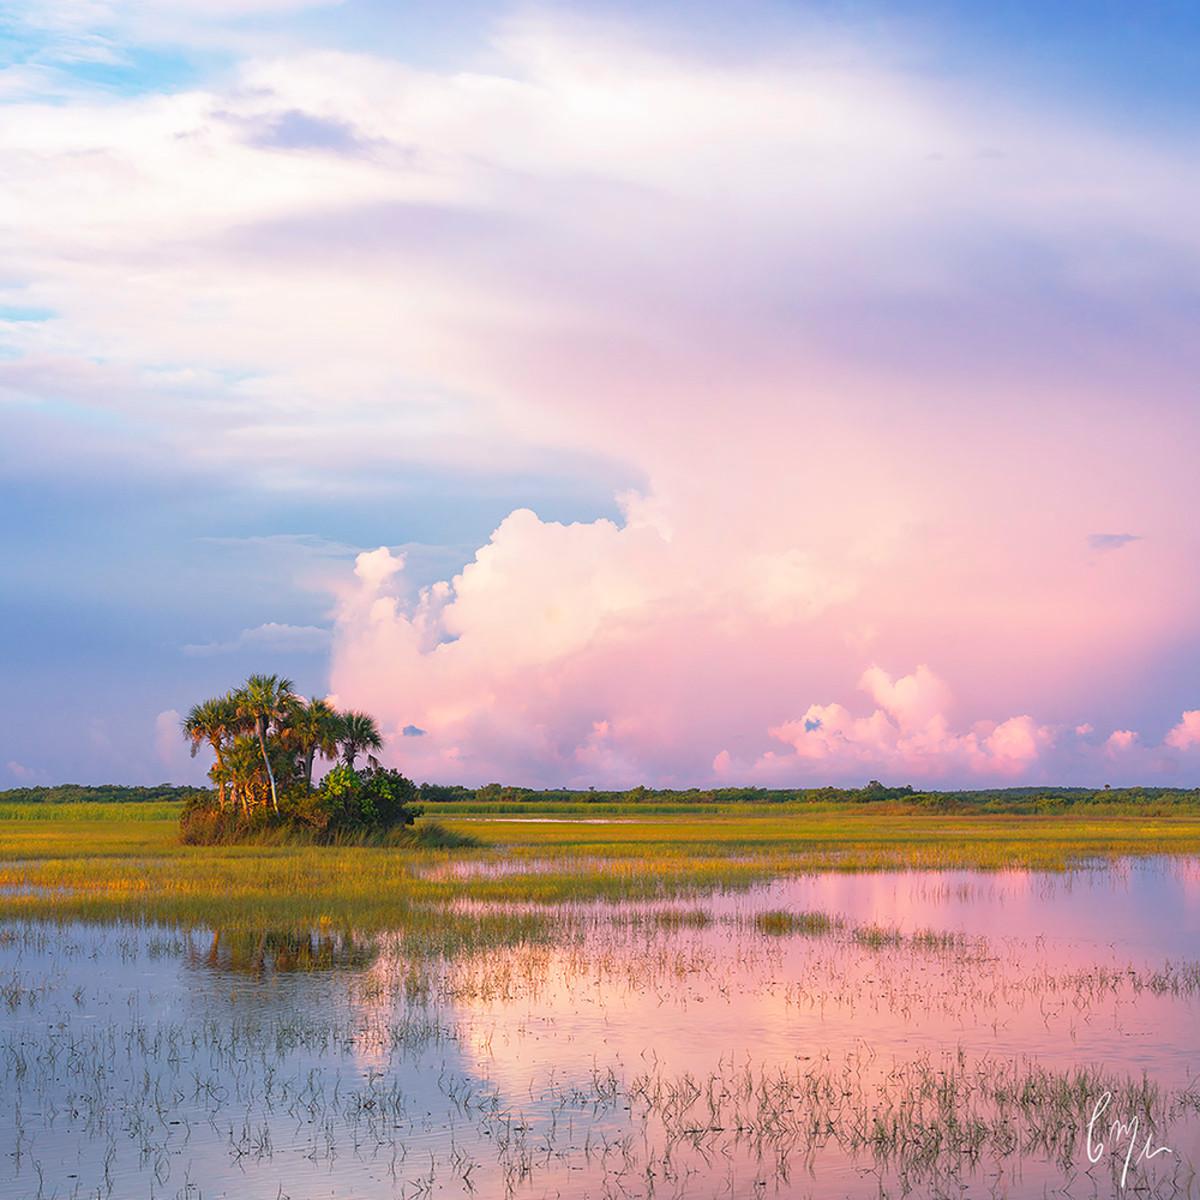 Florida summer upwuqw